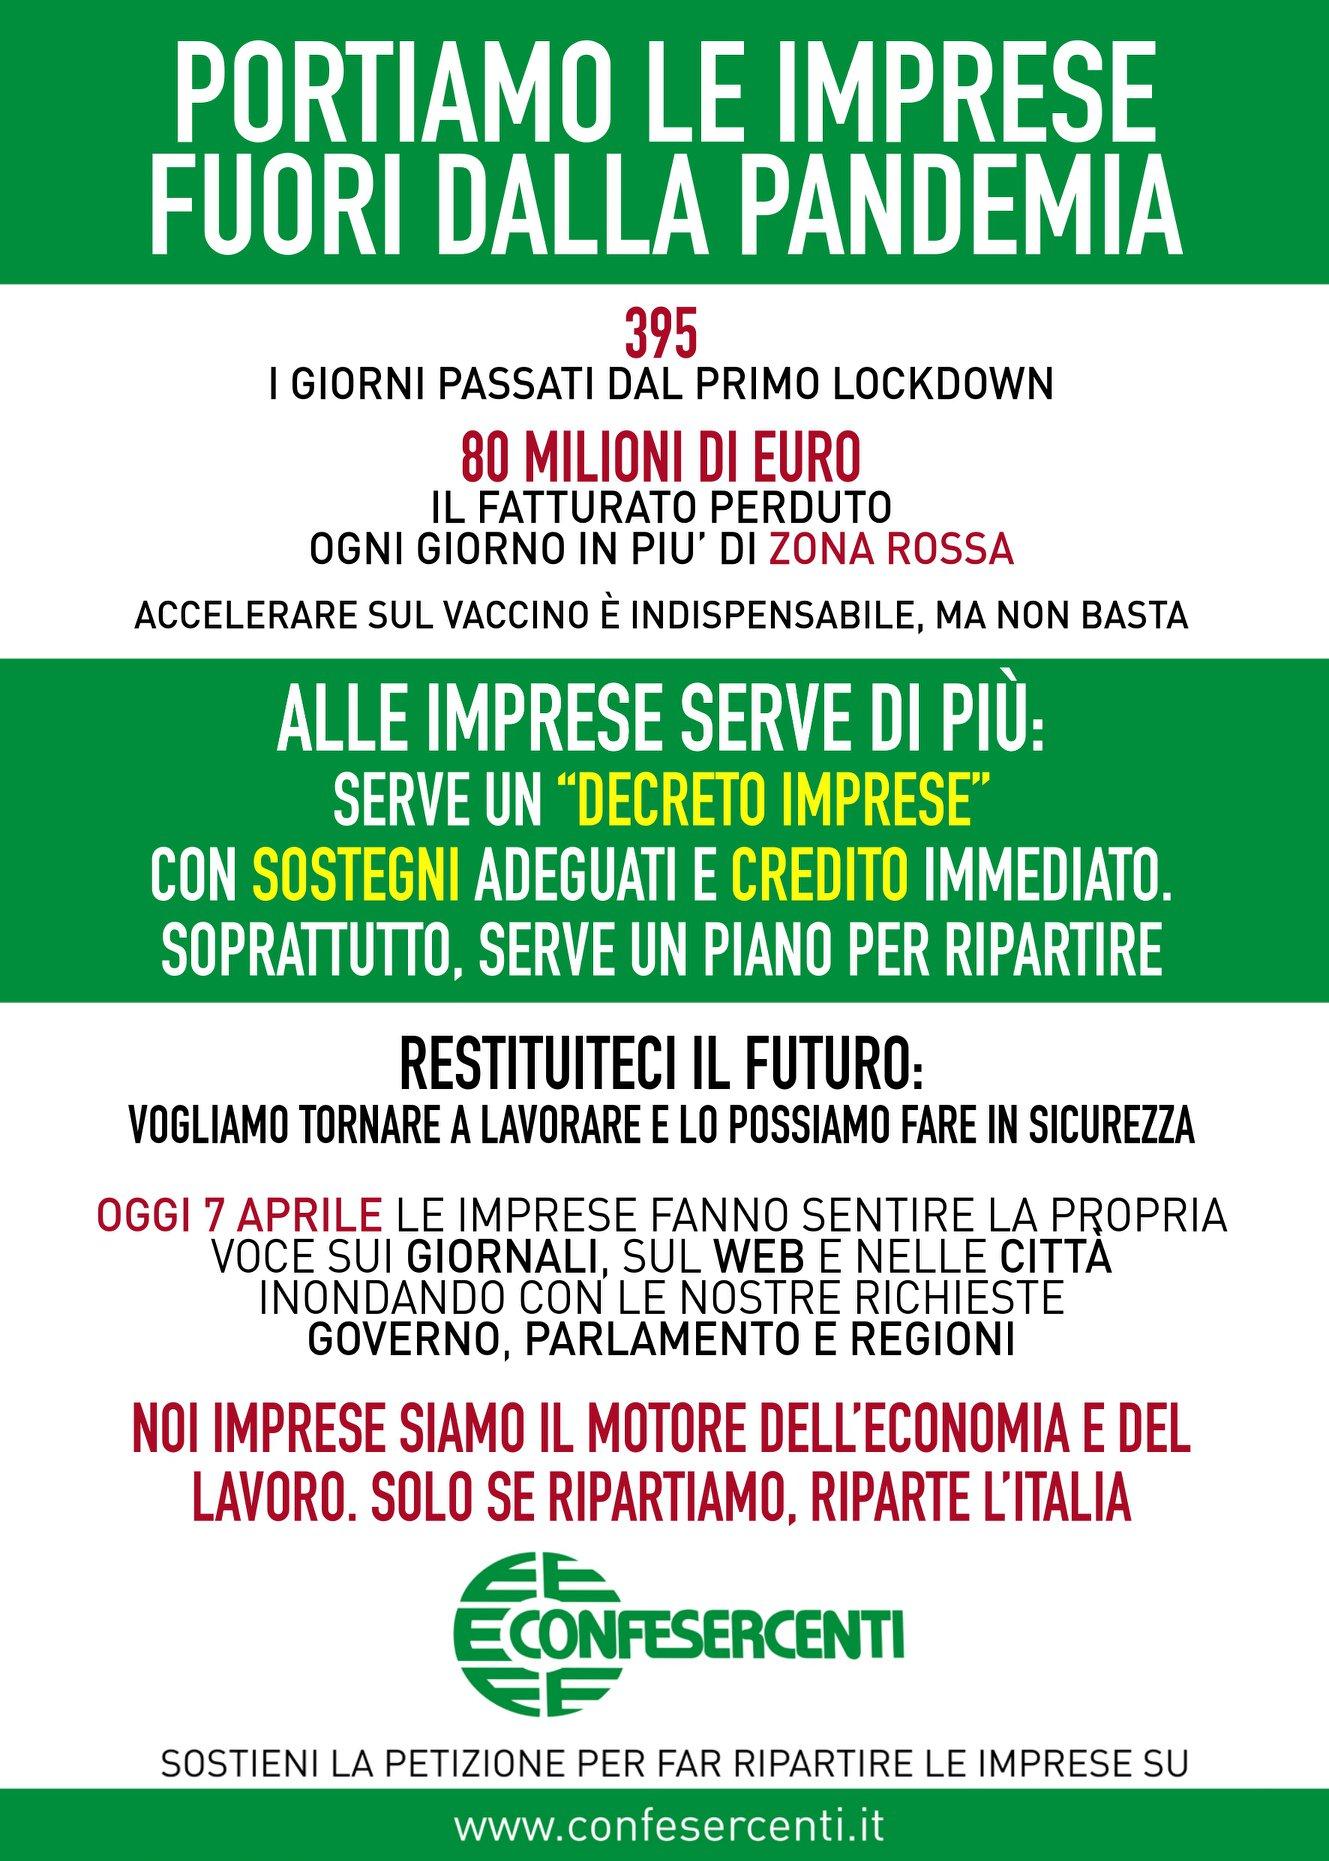 """Confesercenti Sicilia """"Portiamo le imprese fuori dalla pandemia"""", le parole d'ordine: sostegni, fiscalità, credito alle imprese, riaperture"""